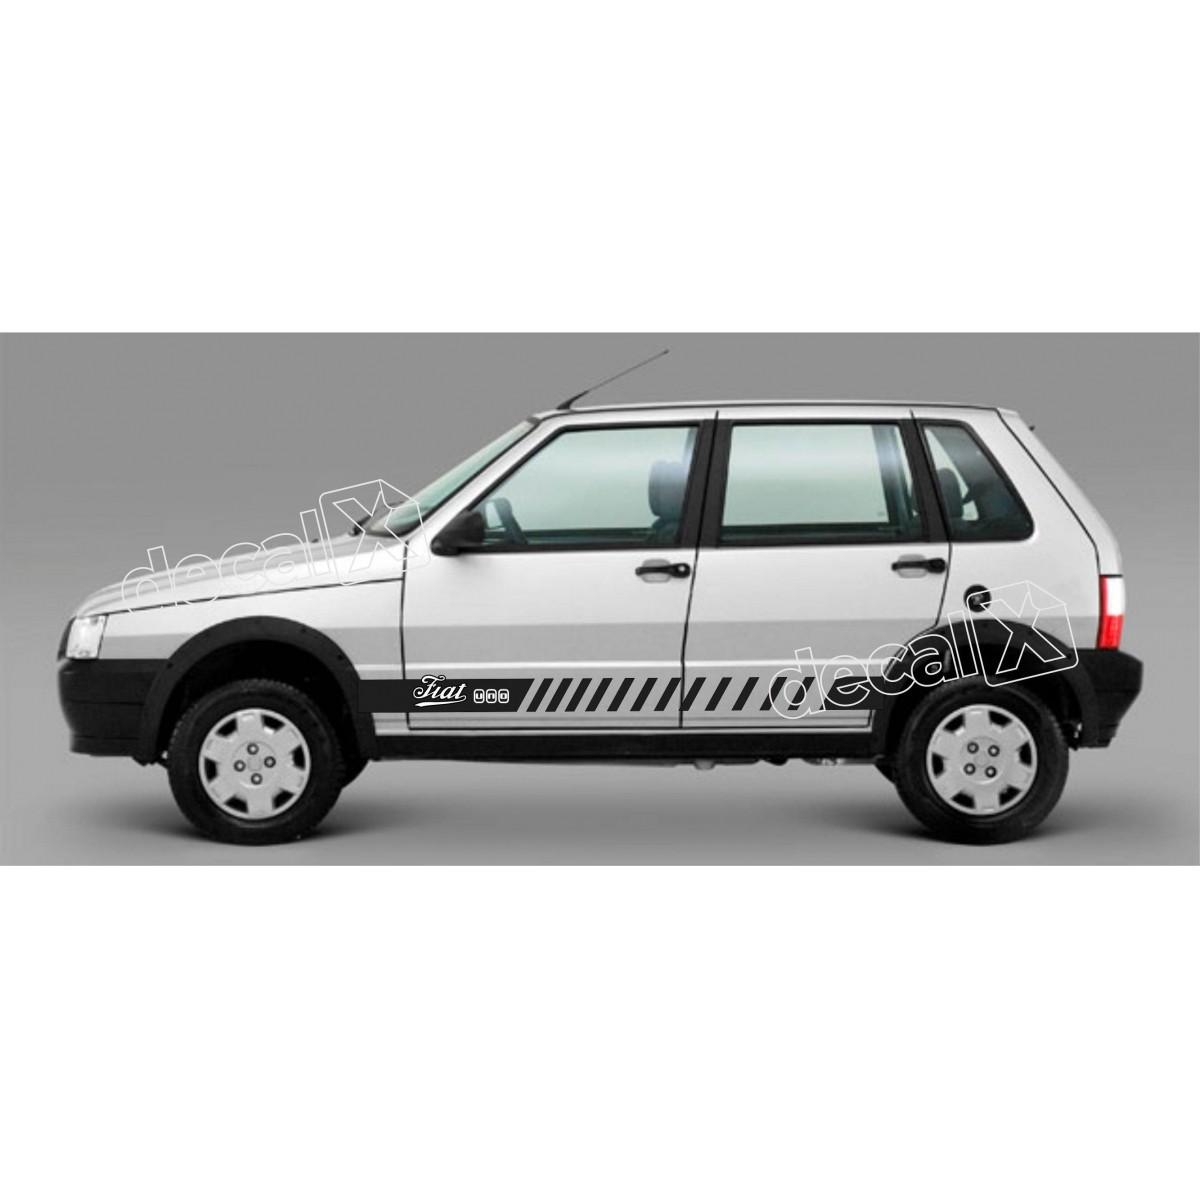 Adesivo Faixa Lateral Fiat Uno Unoh5